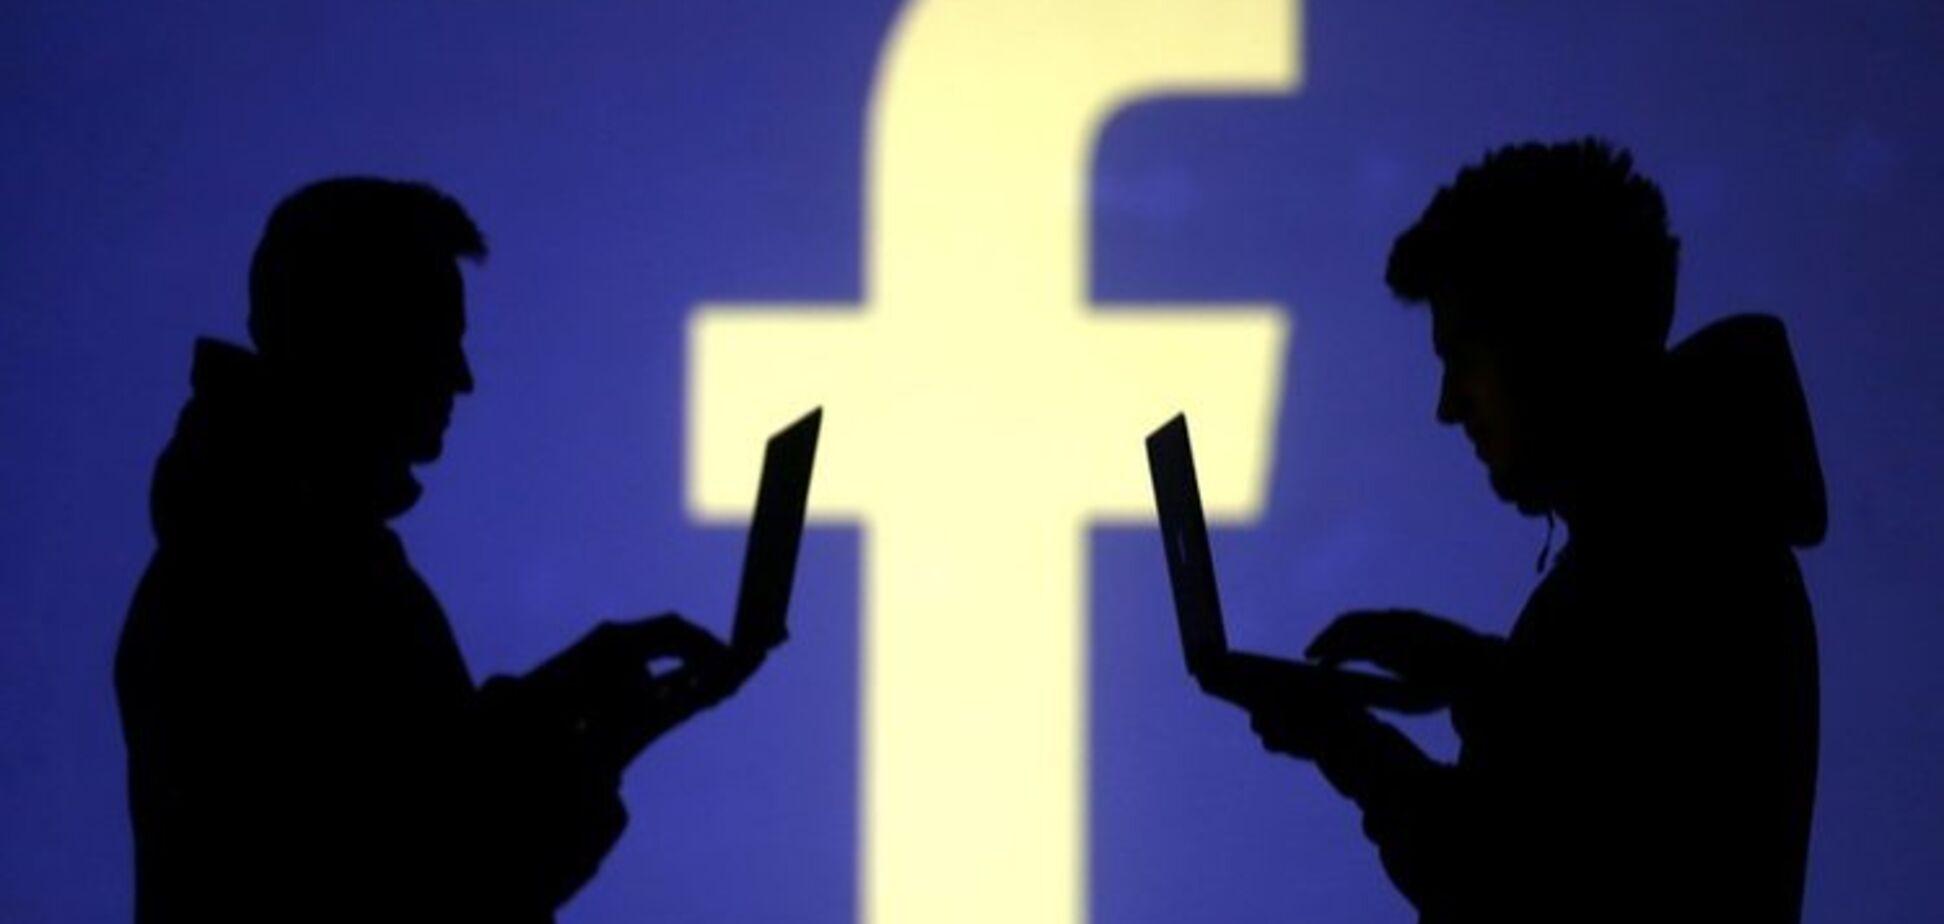 Как правильно вести свой профиль в Facebook: психолог дала советы